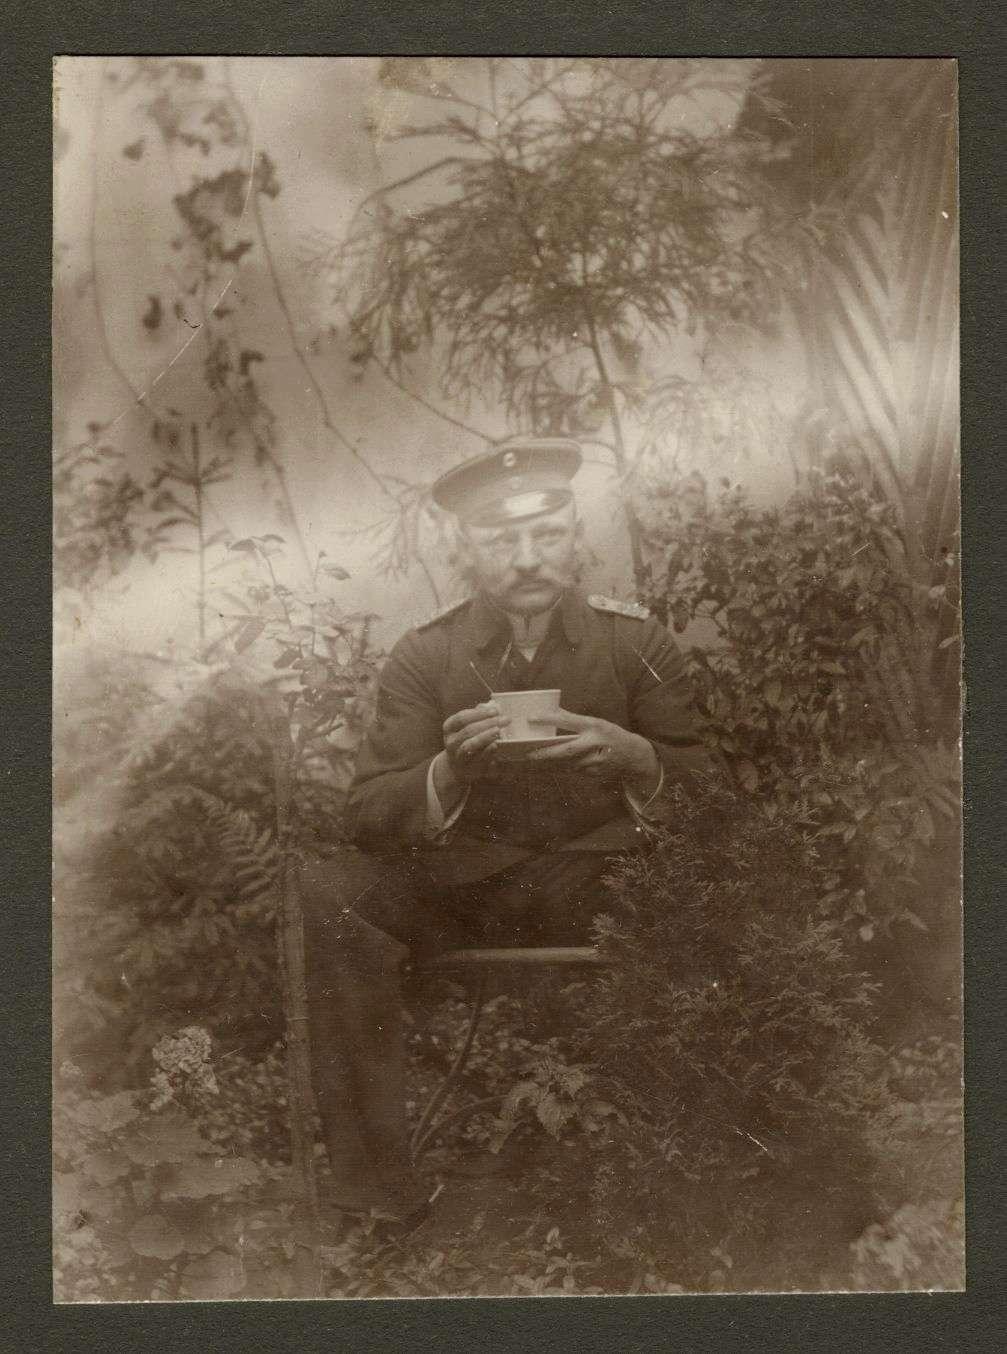 Schmetzer, Paul, Bild 1